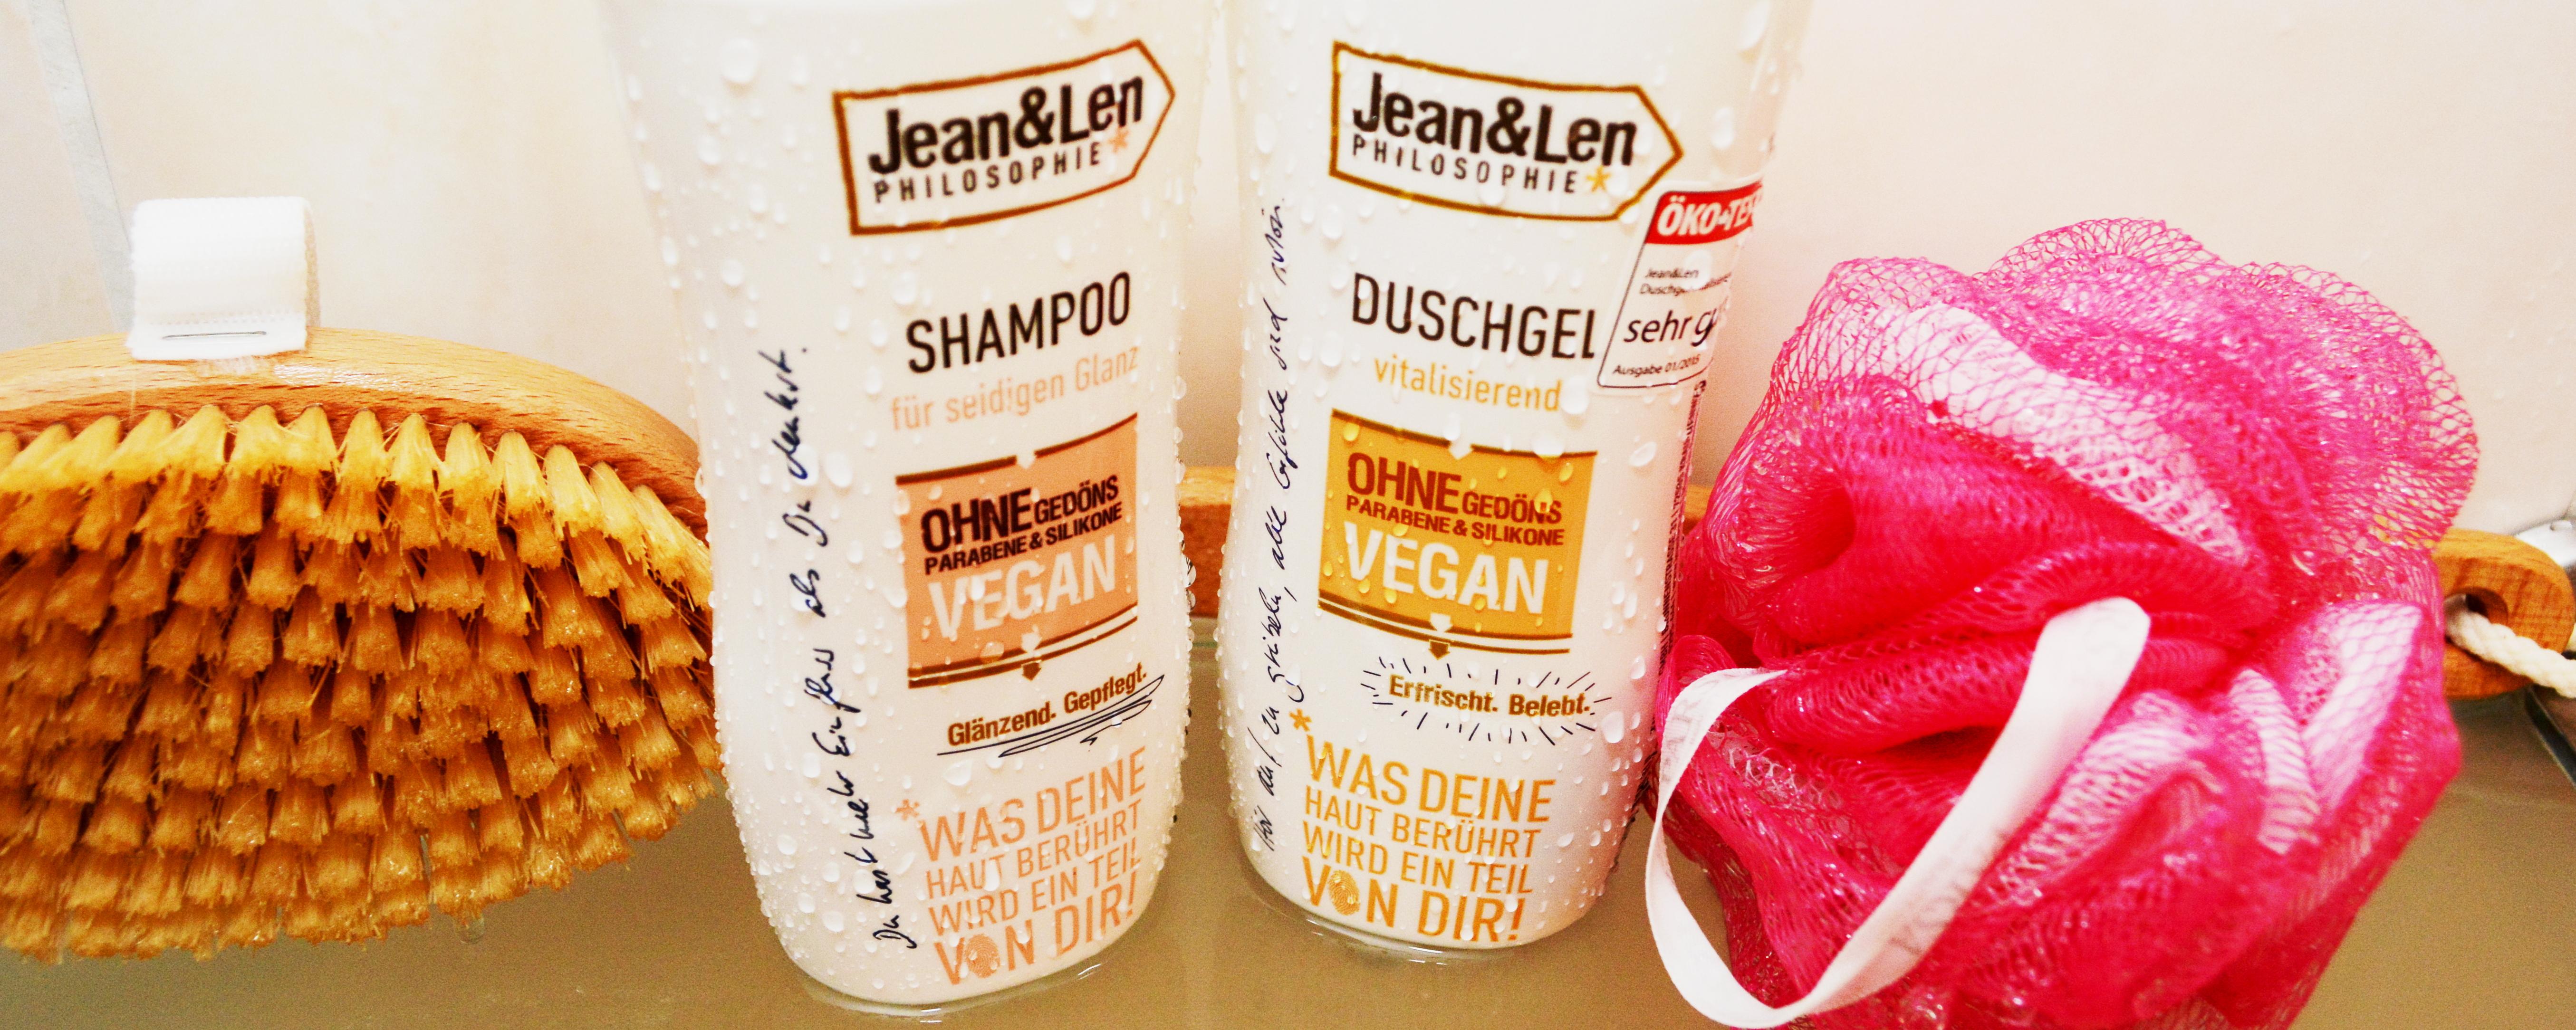 Dies sind die beiden Produkte, wie wir getestet haben. Links seht ihr das Shampoo für seidigen Glanz, rechts das Duschgel mit vitalisierender Wirkung.